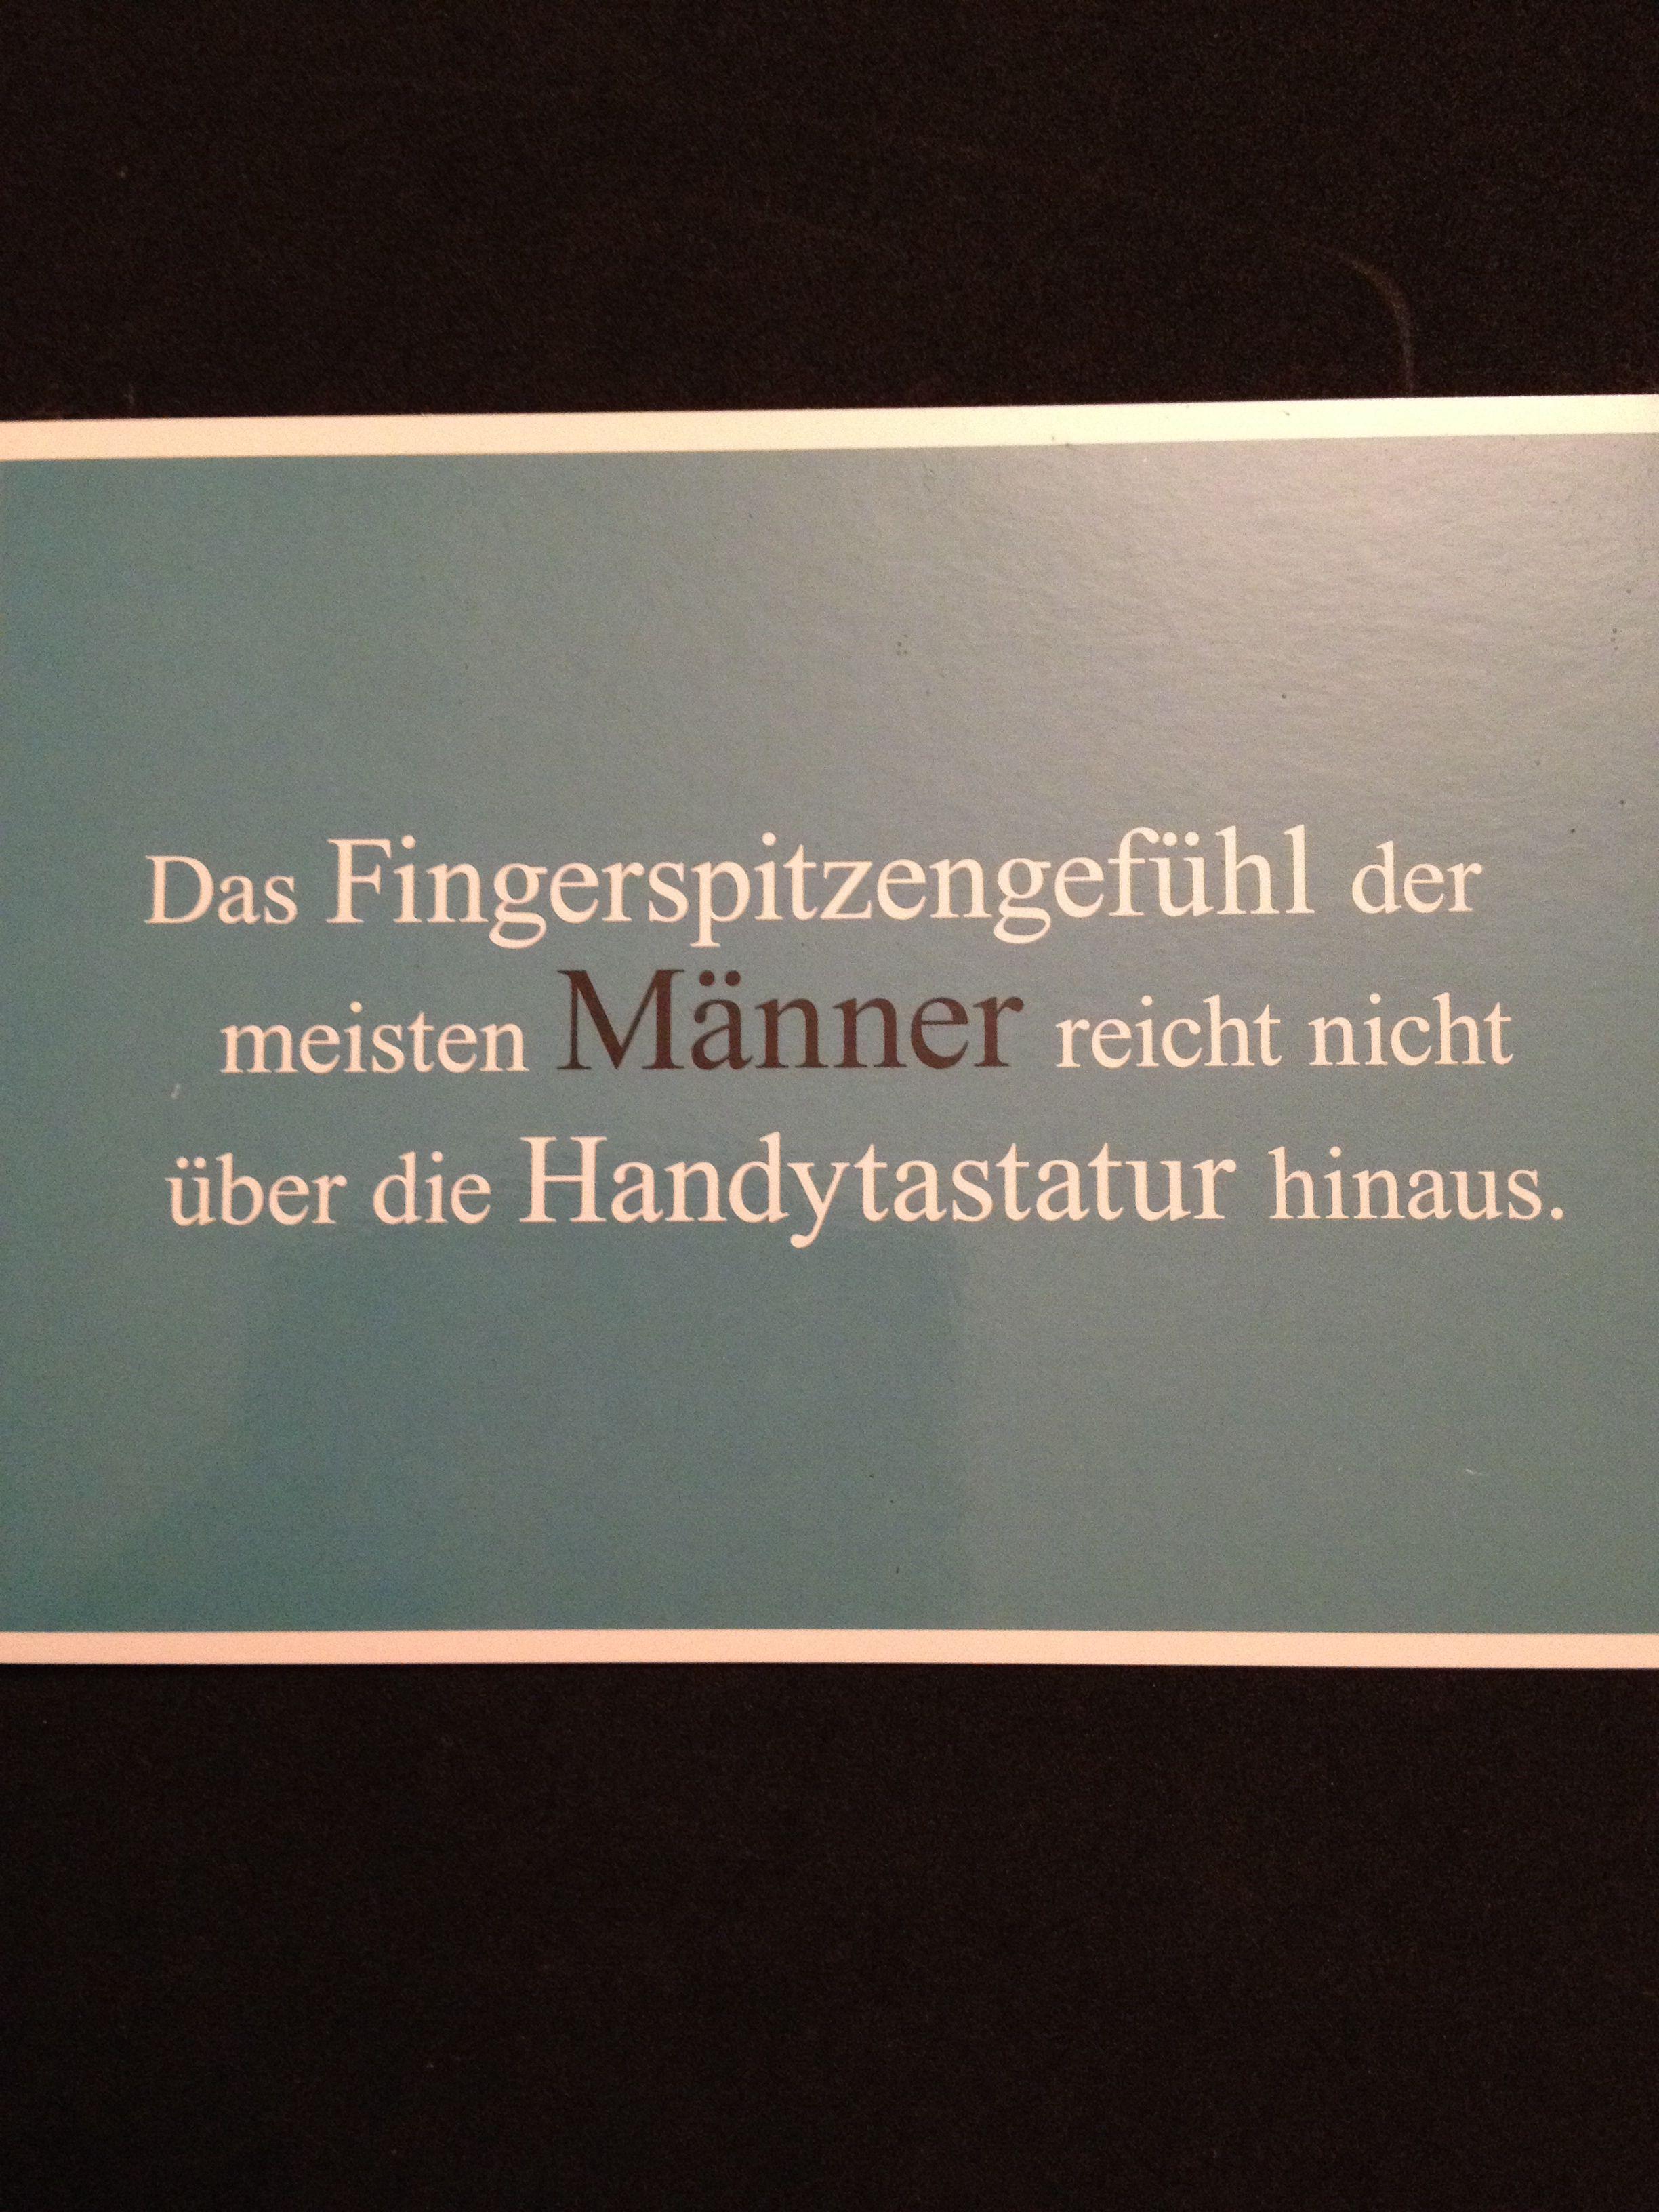 Sprüche Deutsche Sprüche Pinterest